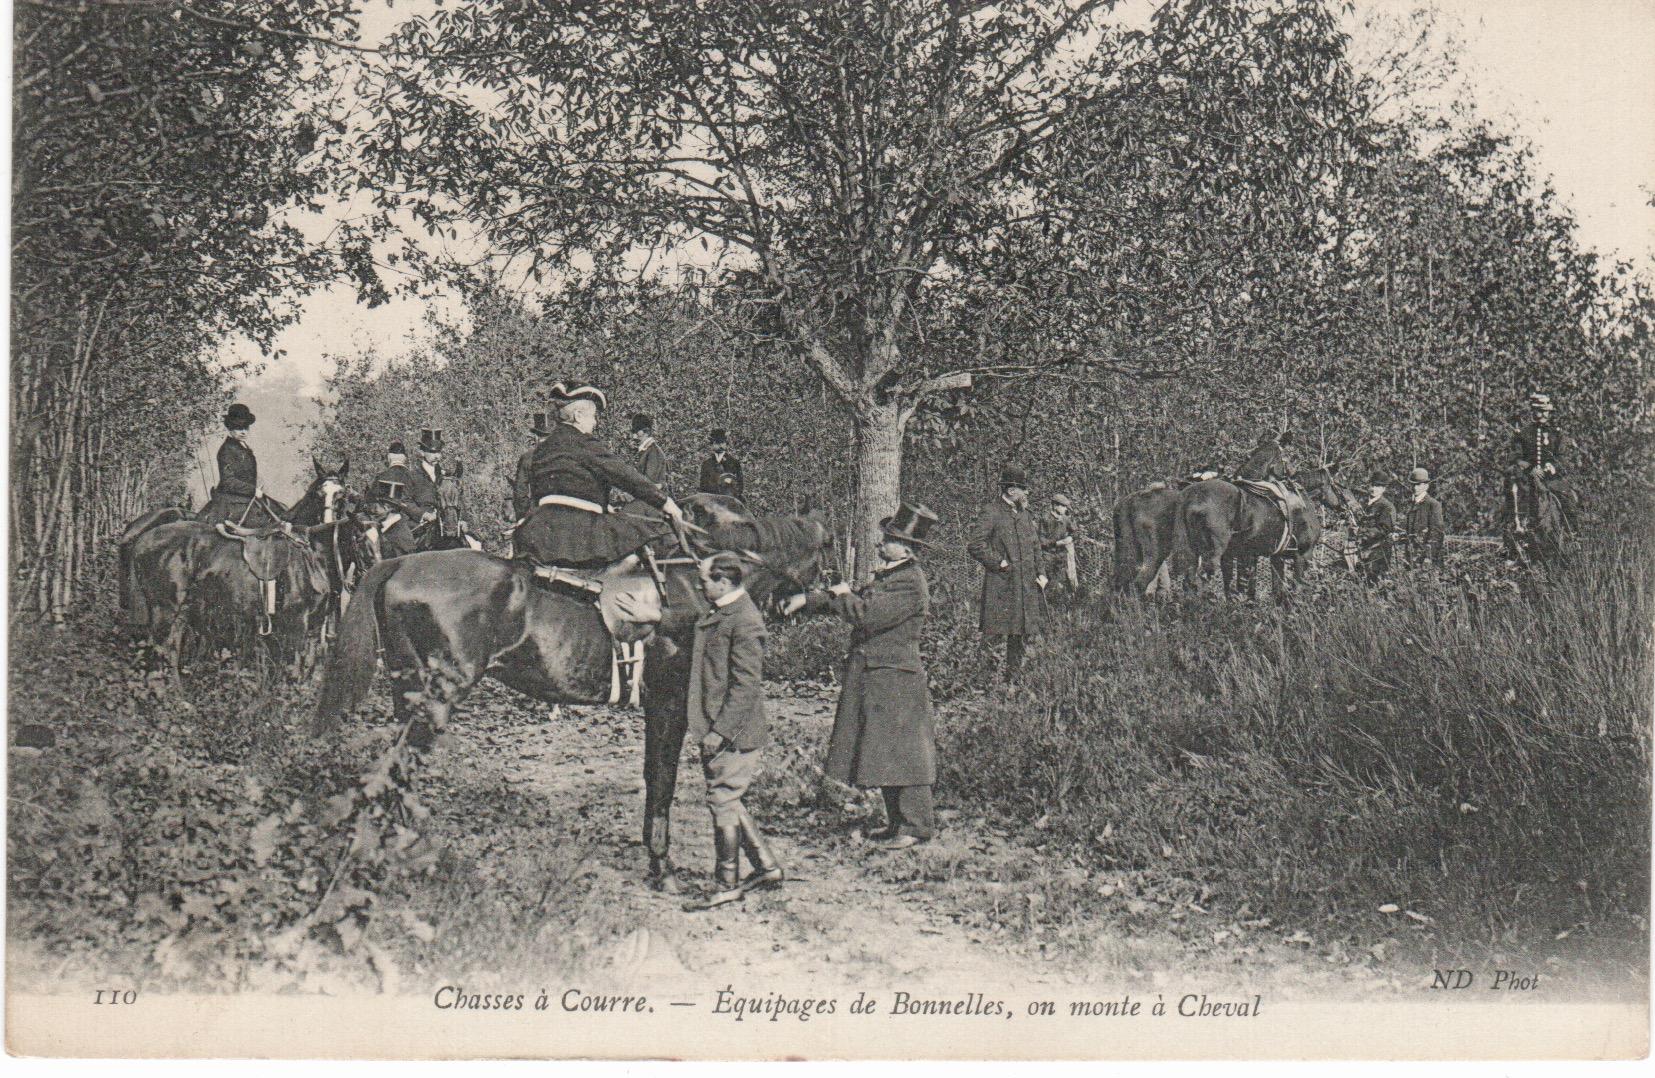 Equipage de Bonnelles Rambouillet (18)